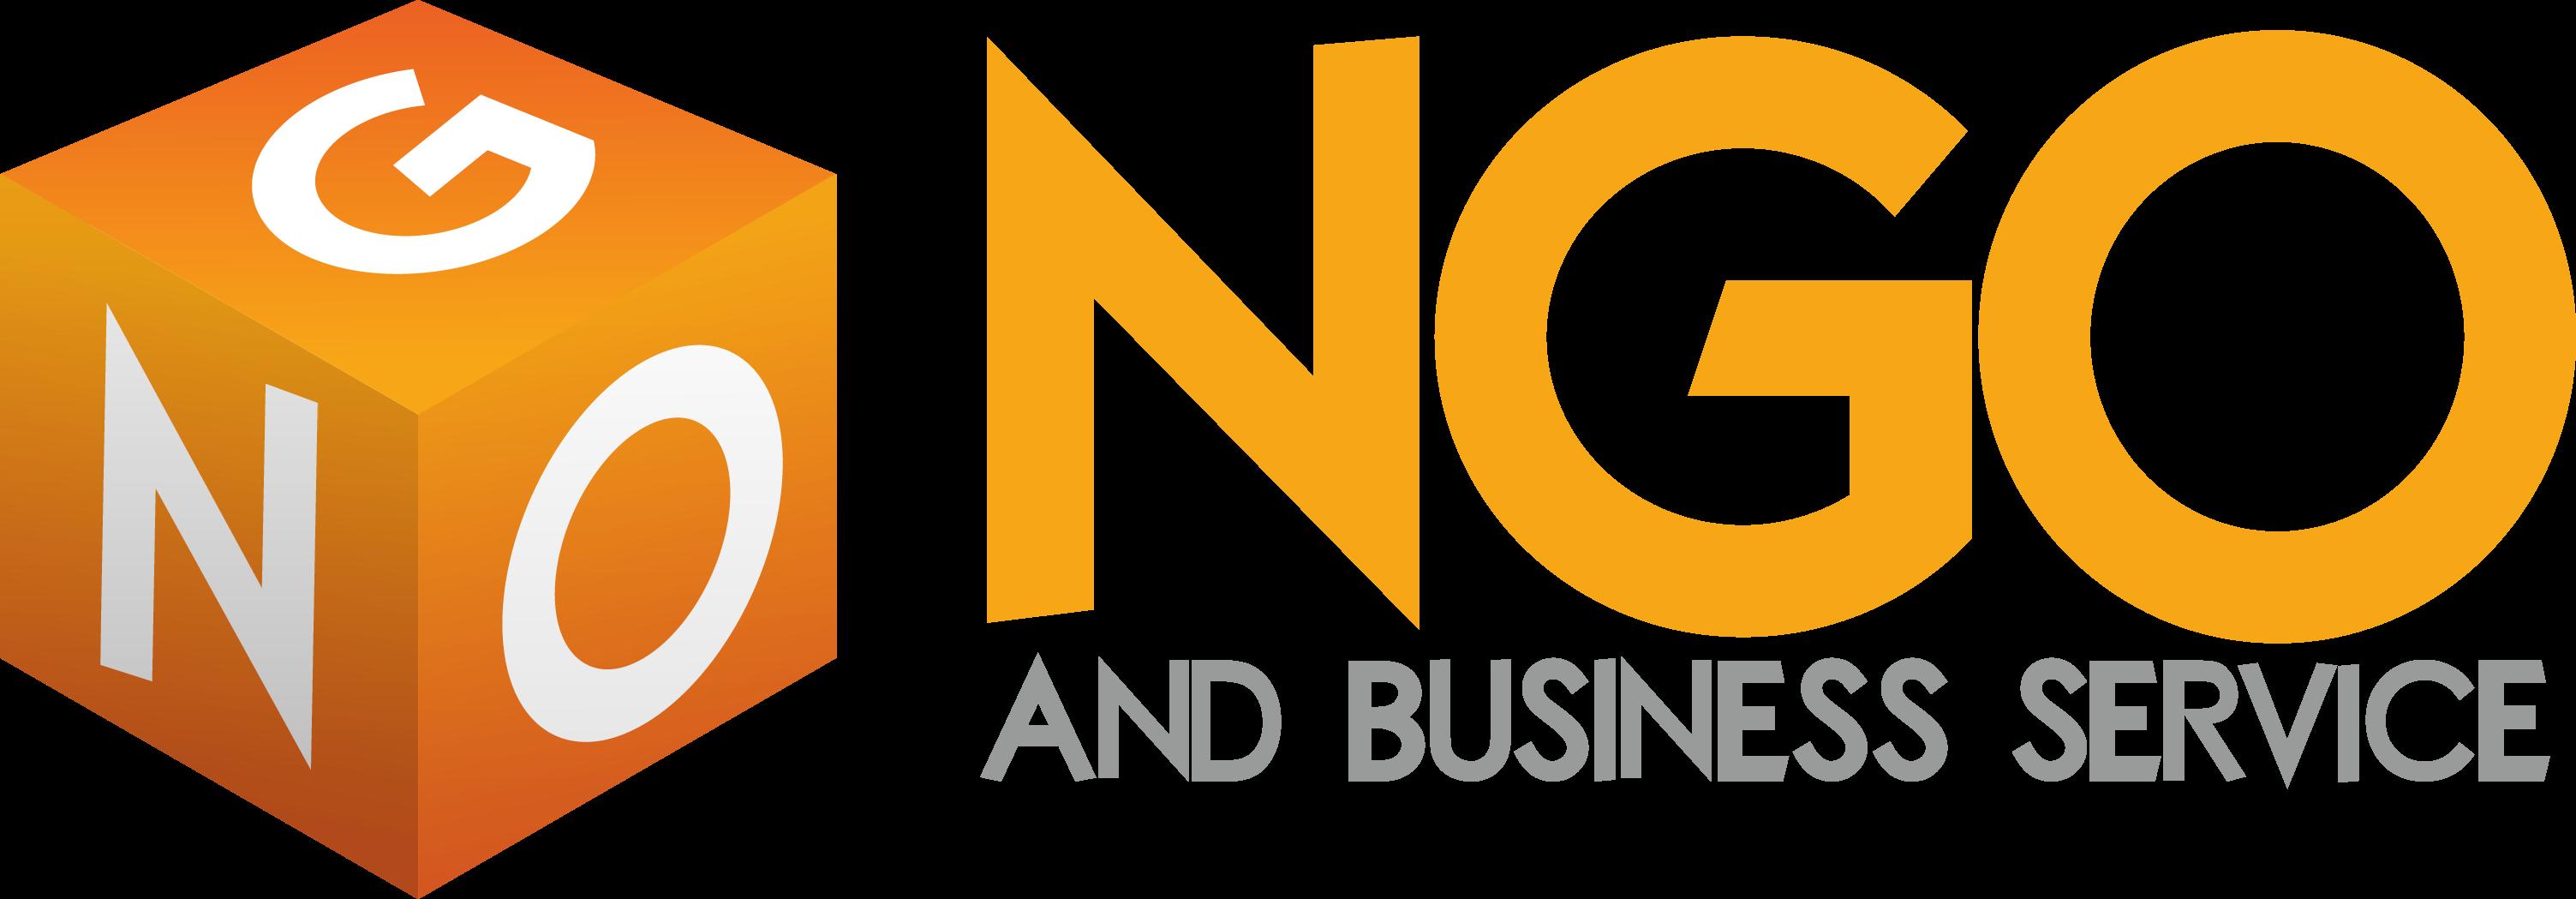 NGO and Business Service Przemysław Rajchel – szkolenia, doradztwo